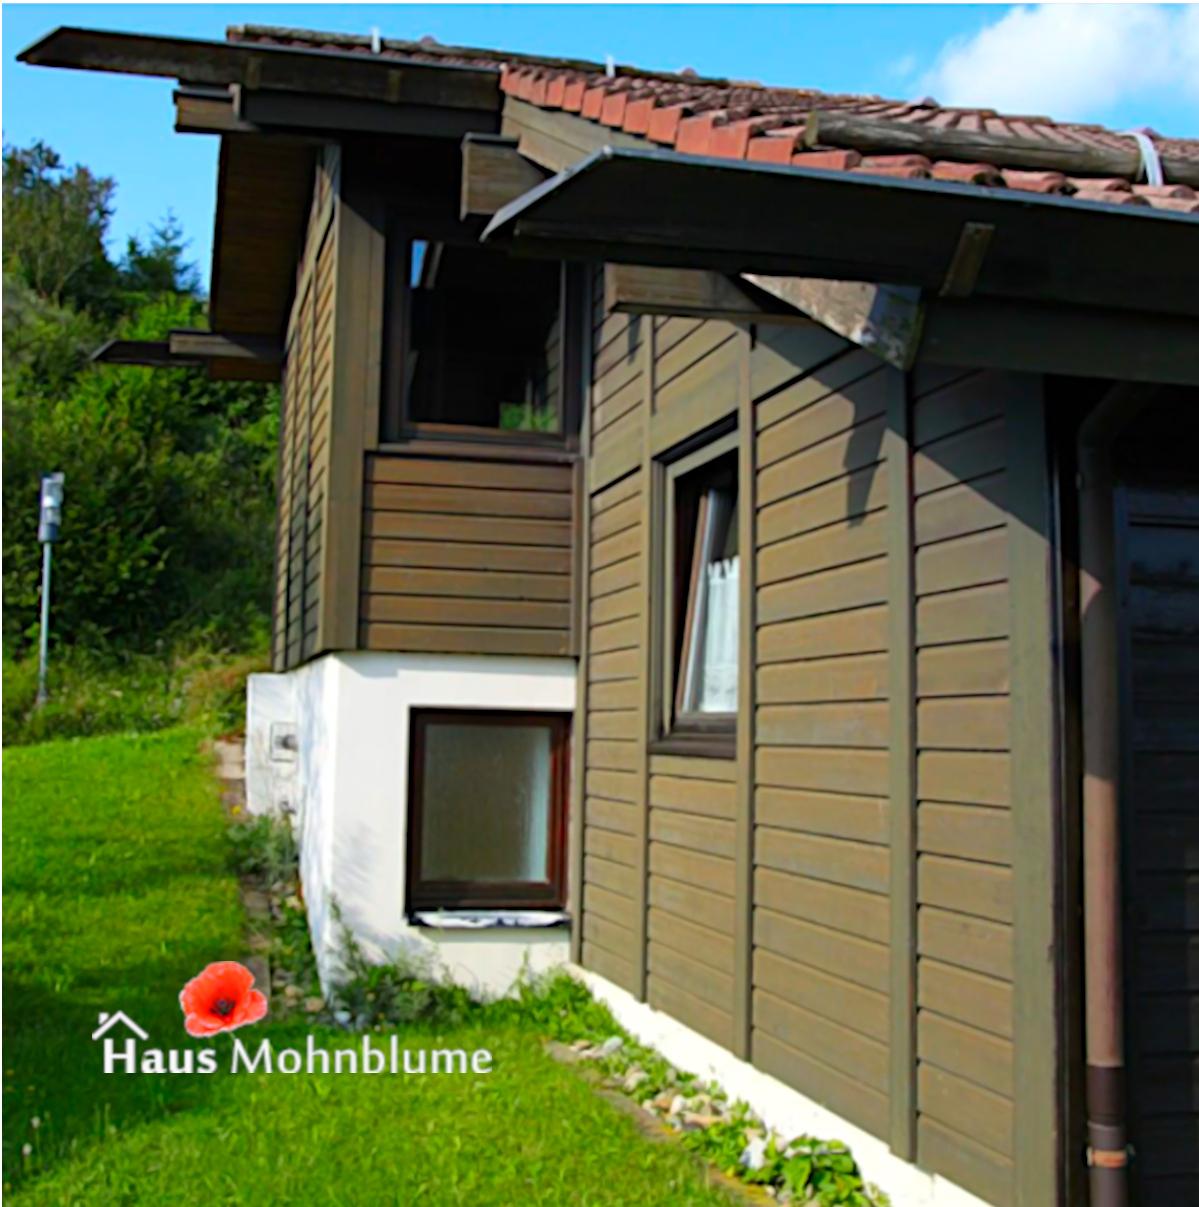 Das Haus Mohnblume ist der ideale Ausgangspunkt für Ausflüge und sportliche Aktivitäten